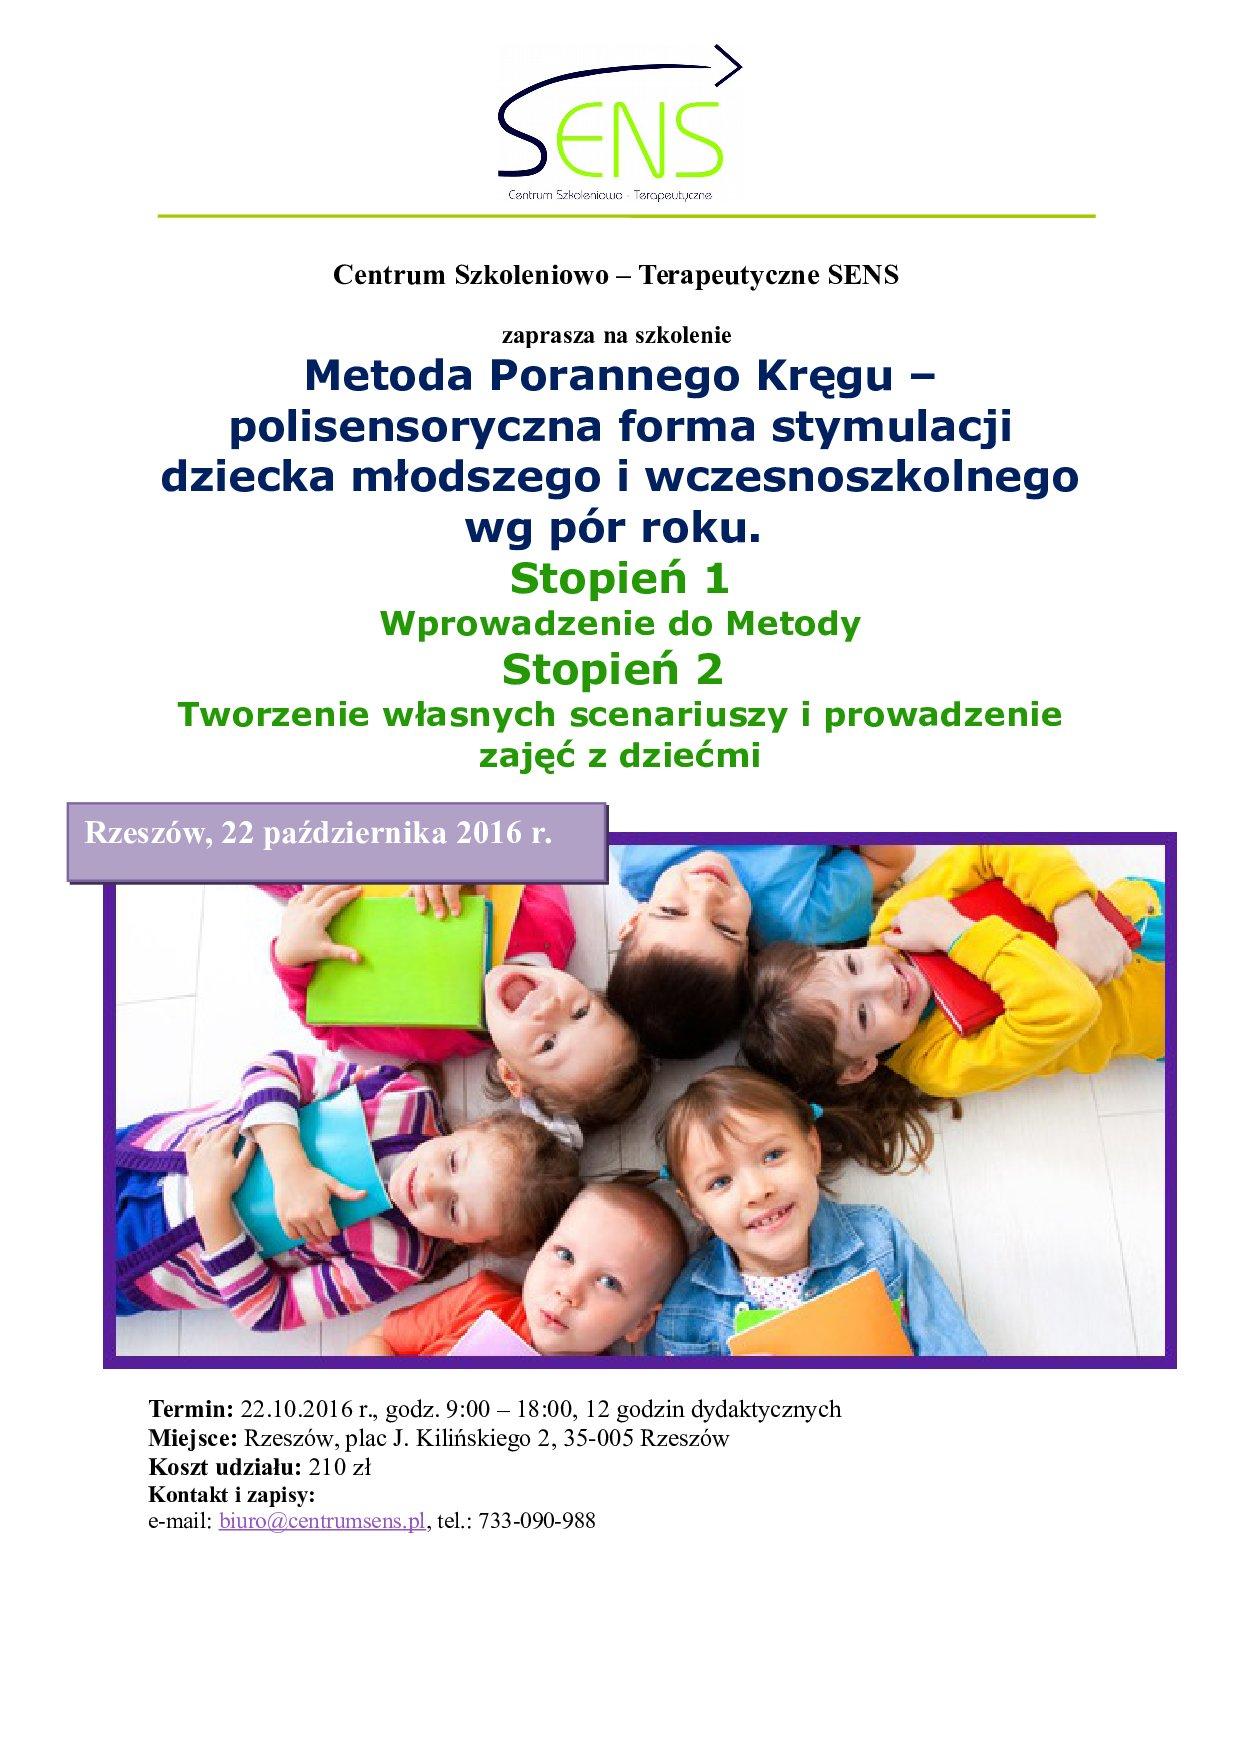 Rzeszów. Metoda Porannego Kręgu. 22.10.16 r.